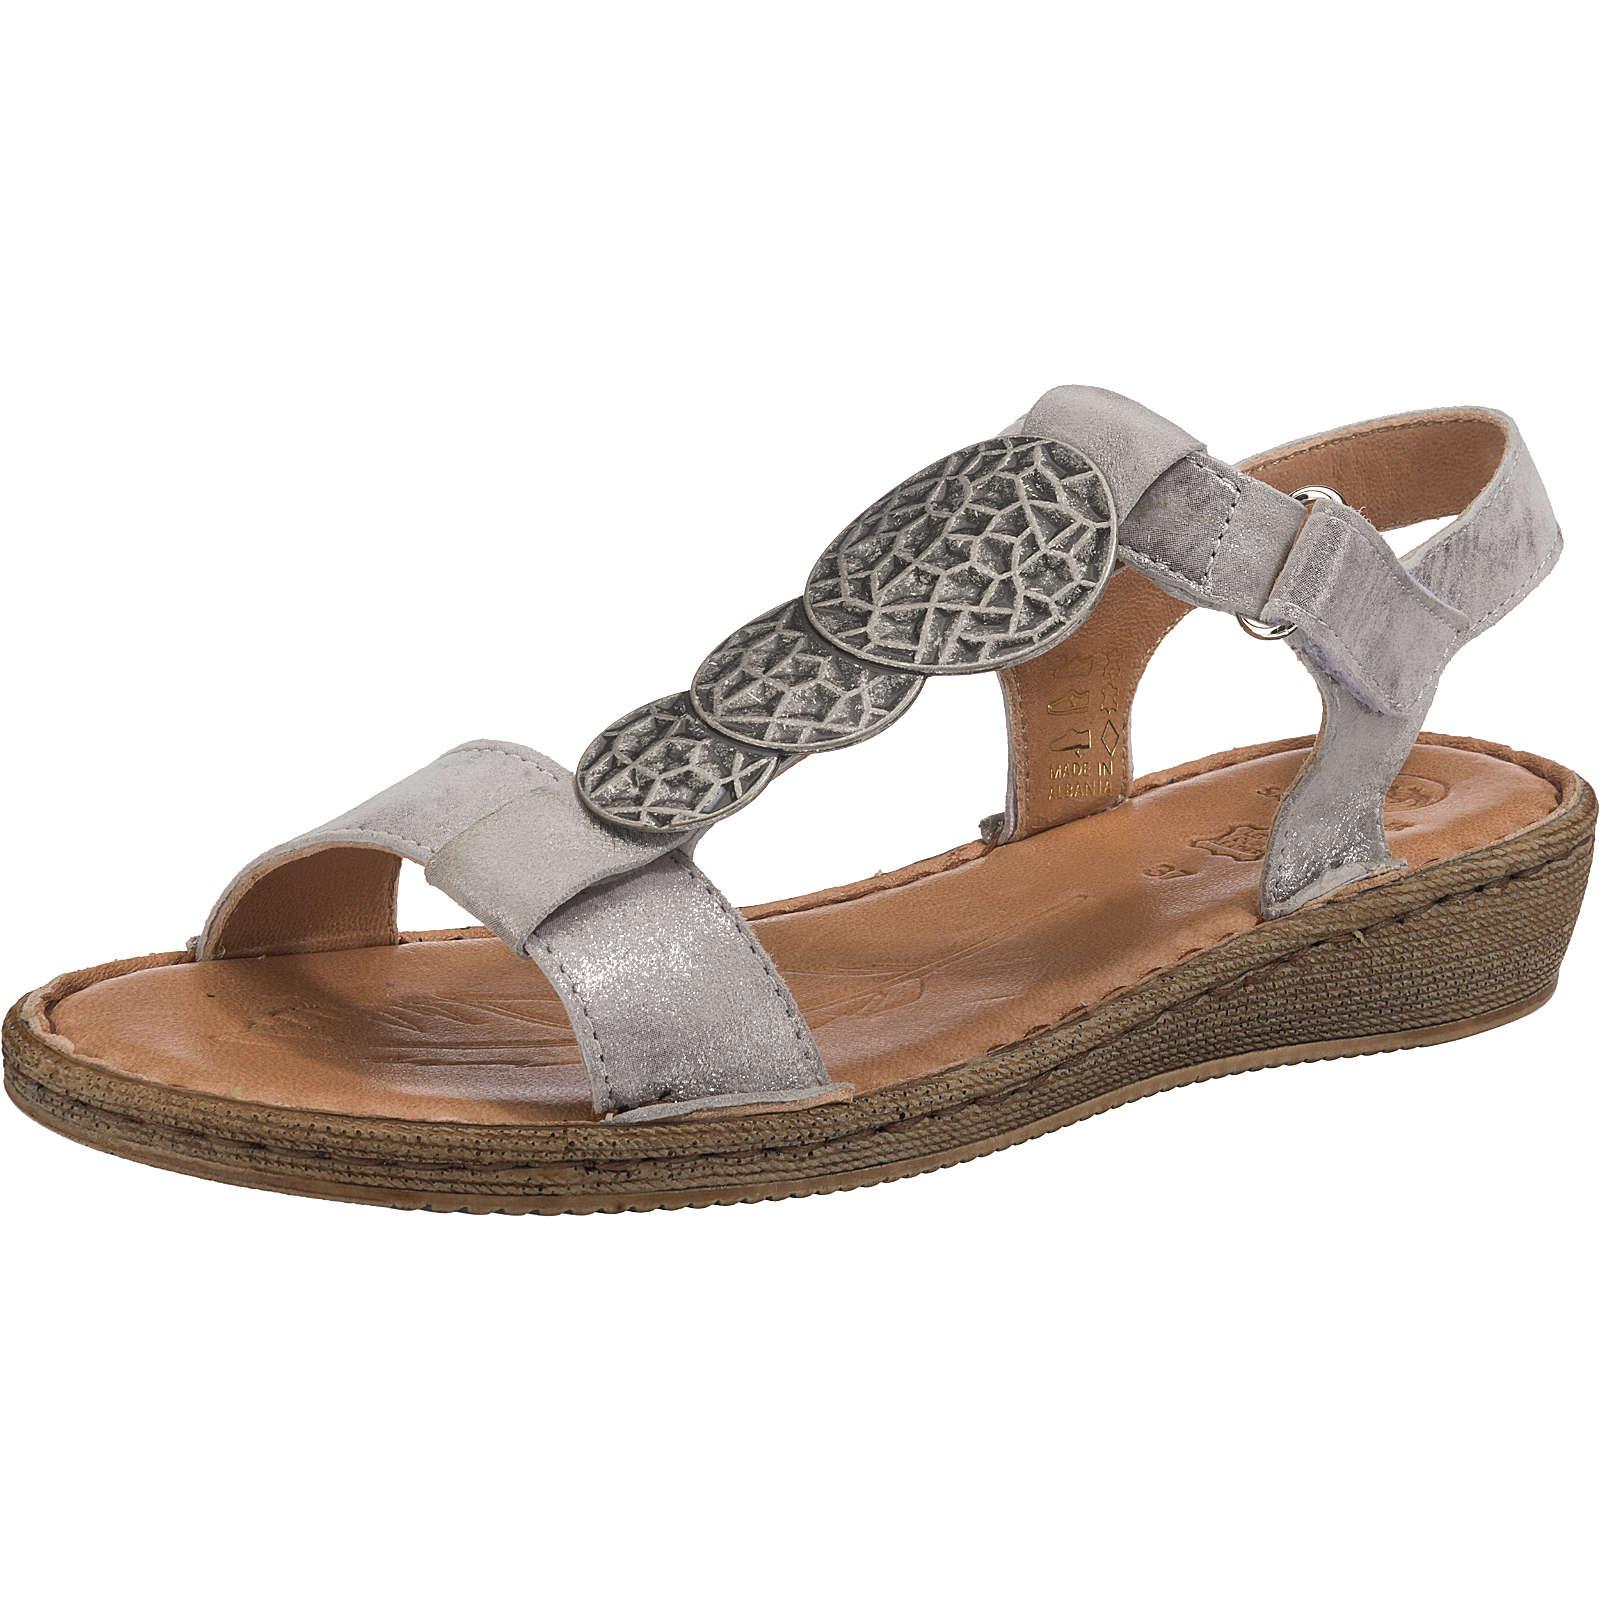 SALAMANDER ARONA Klassische Sandaletten beige Damen Gr. 39